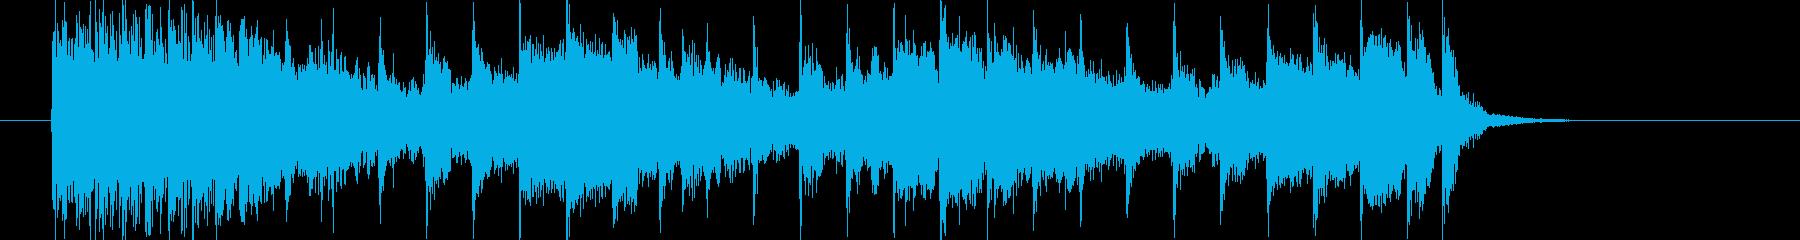 アップテンポなポップスによるジングル曲の再生済みの波形